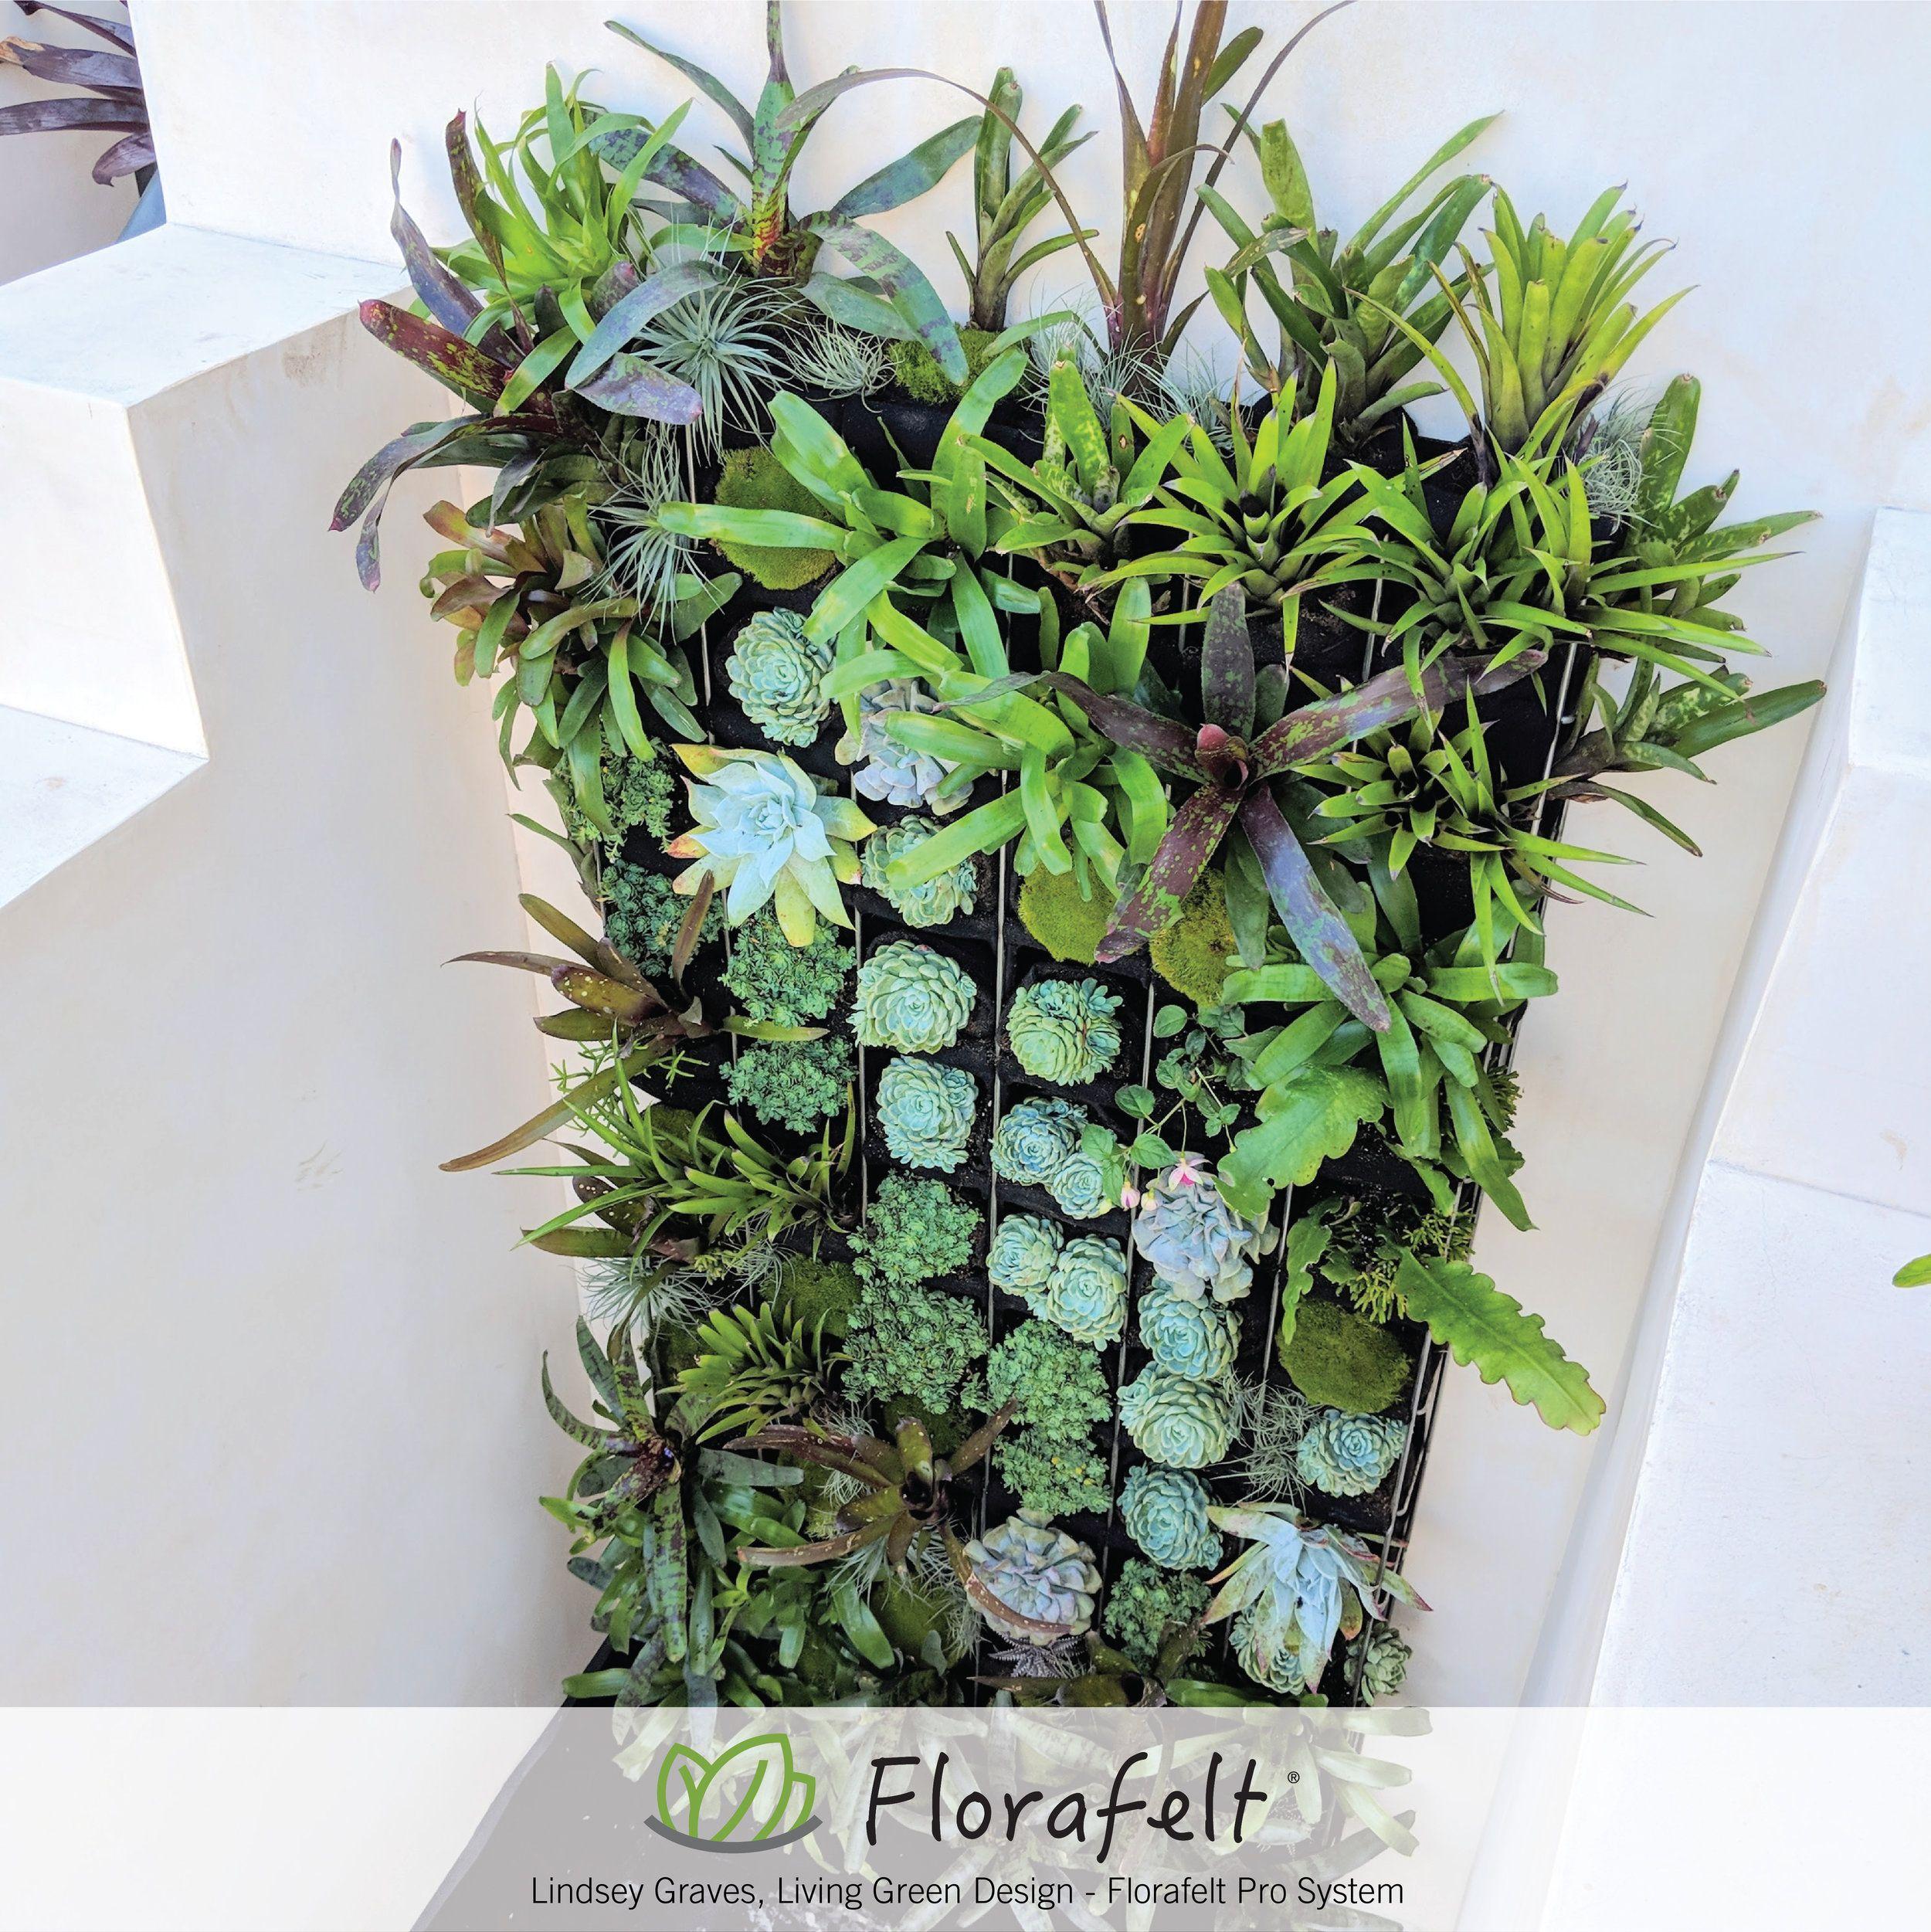 38 Florafelt Pro System Ideas Green Wall Vertical Garden Vertical Garden Systems